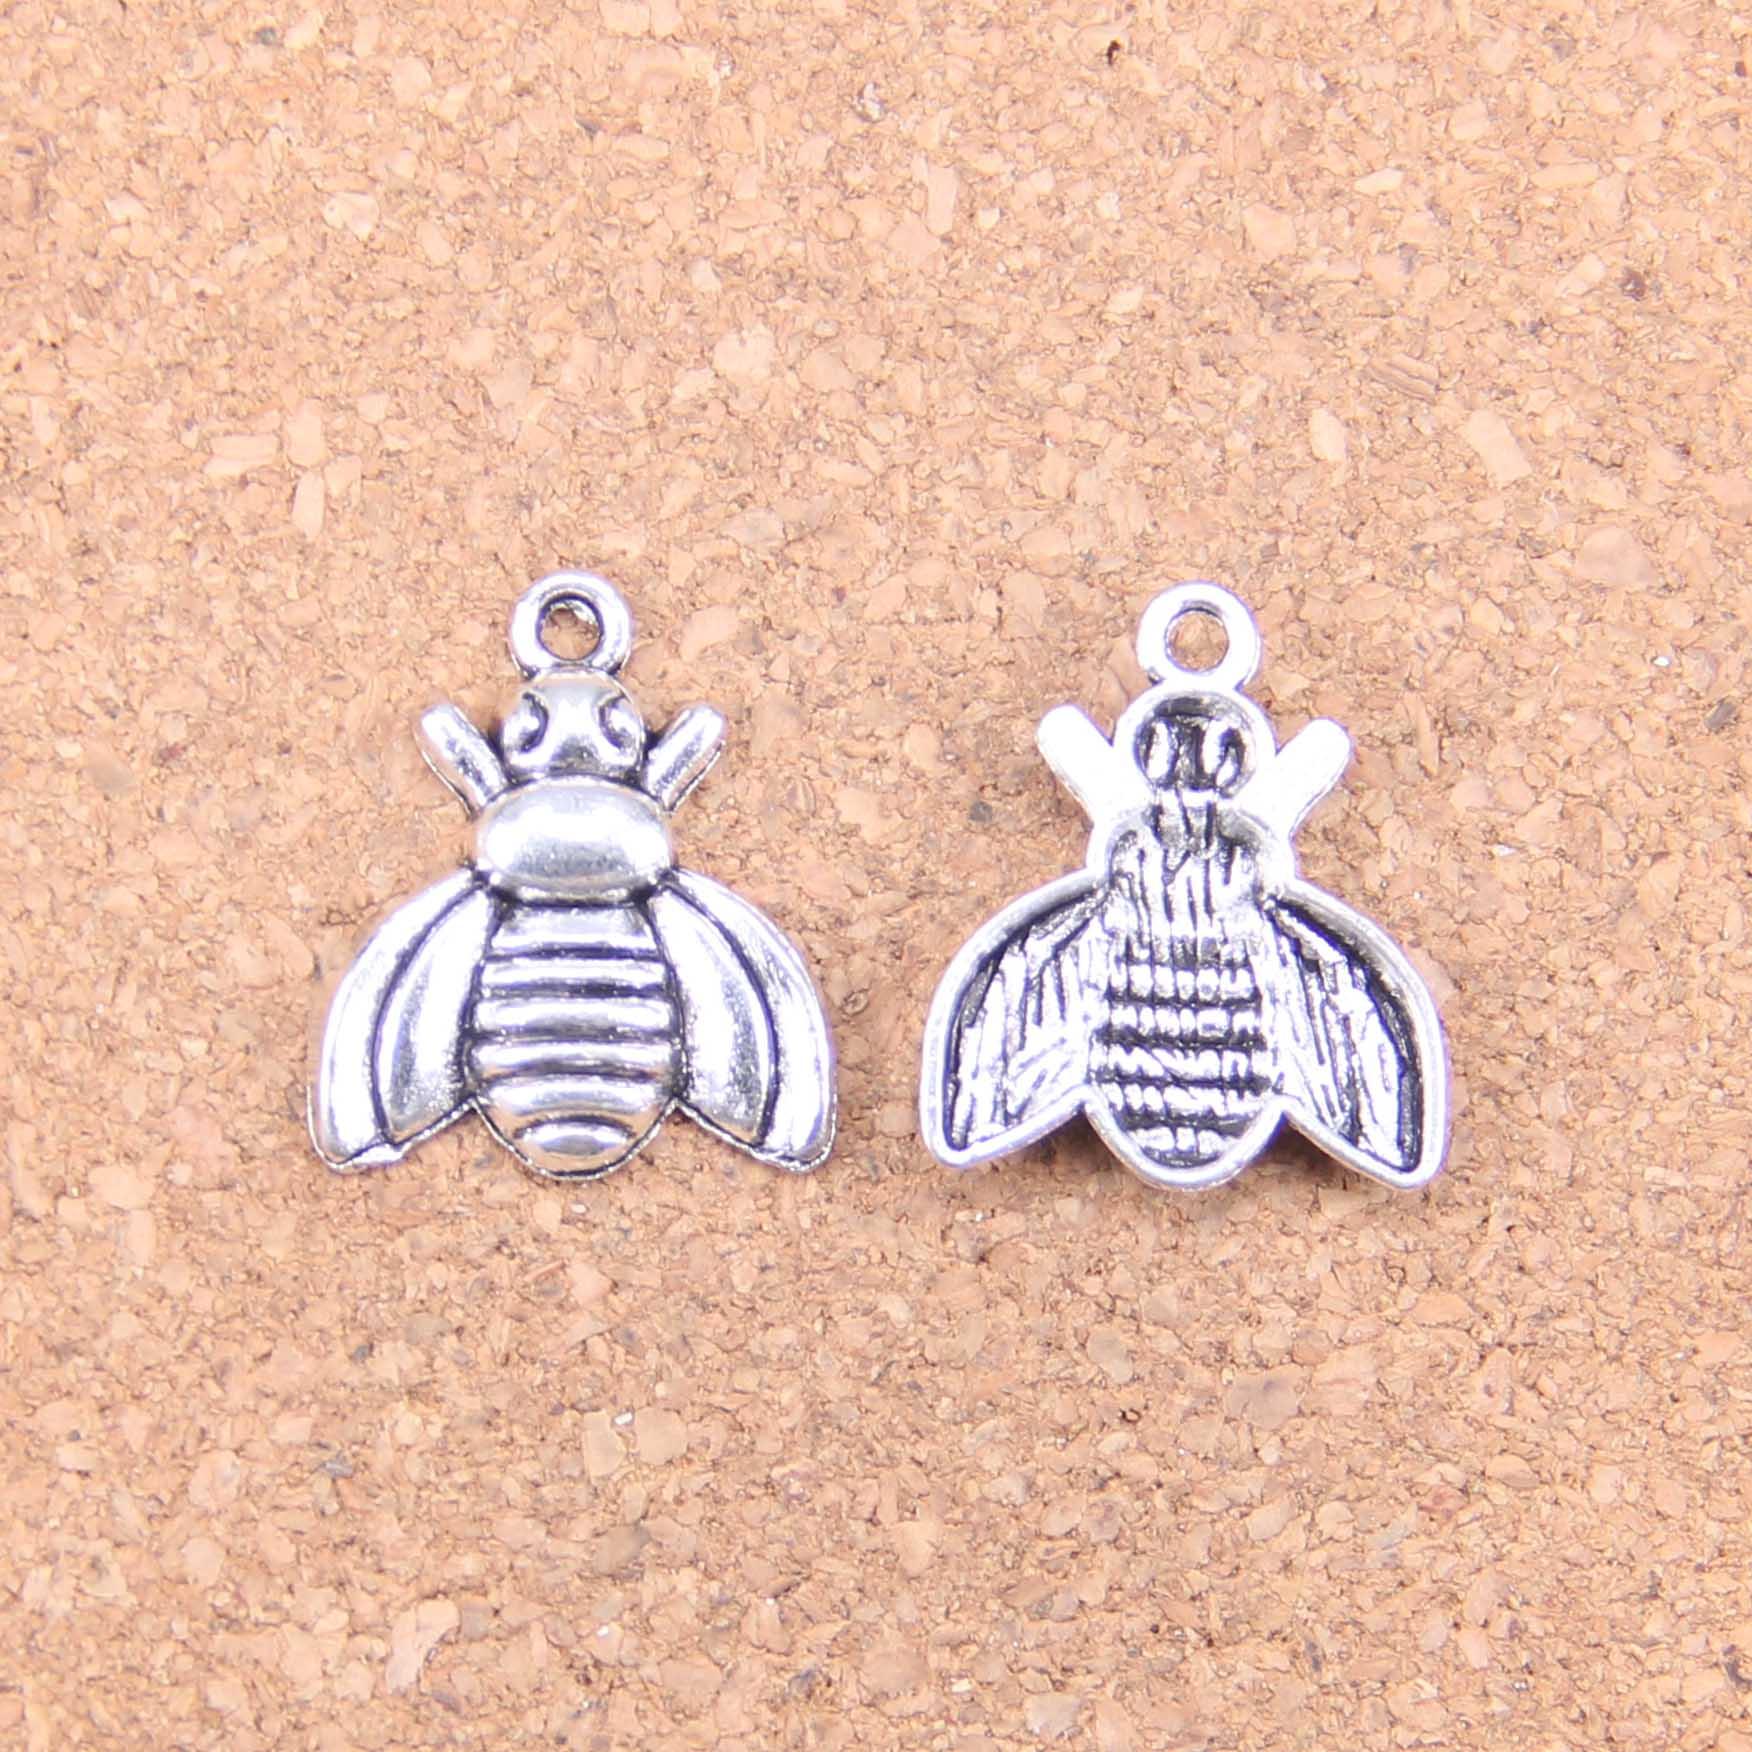 90 шт амулеты пчелы 21x18 мм старинные подвески, Винтажные Ювелирные изделия из тибетского серебра, DIY для браслета ожерелье